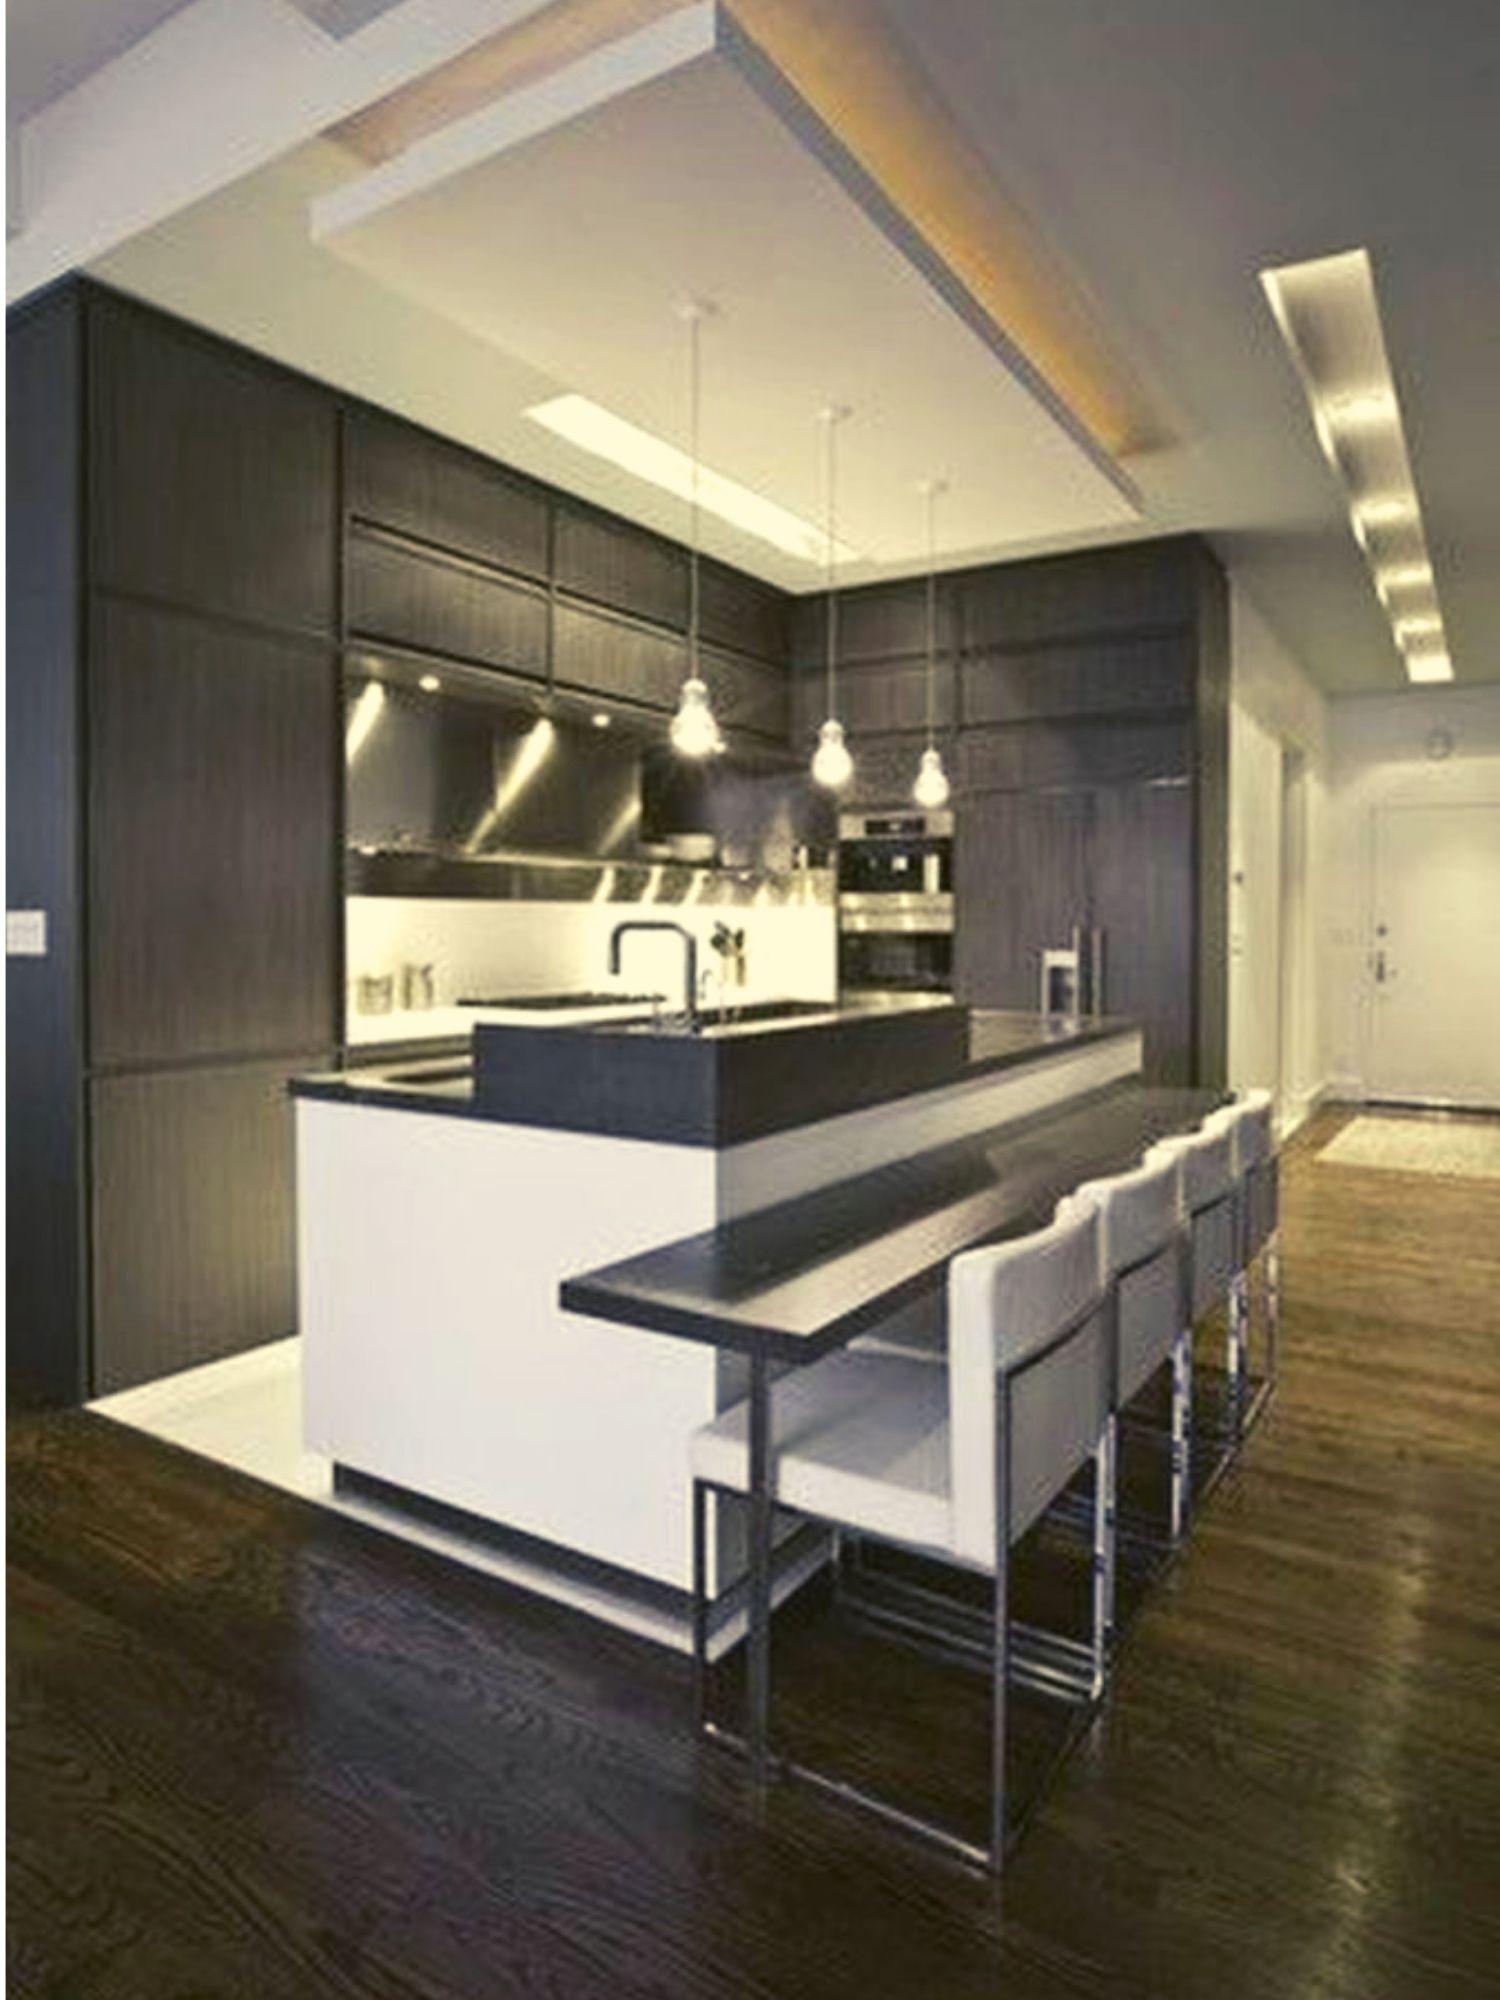 The best Urban Modern Interior Design Kitchen 9 ...